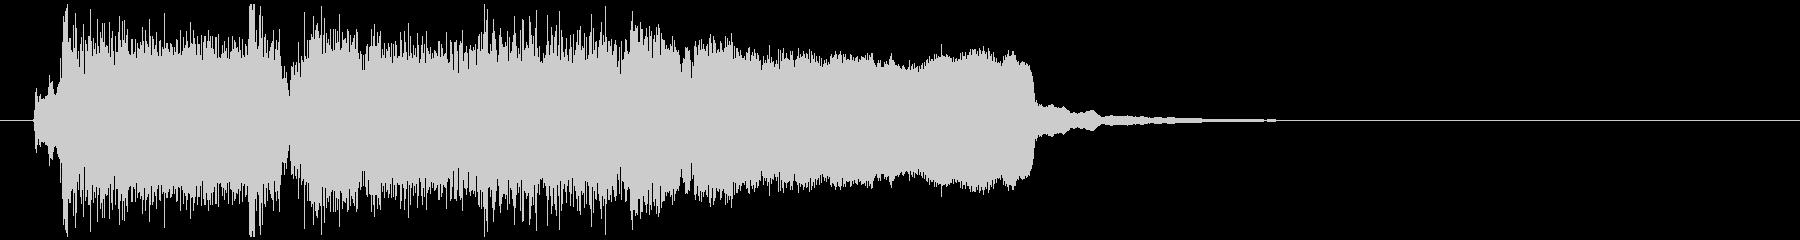 クラリネット生演奏の綺麗系サウンドロゴの未再生の波形